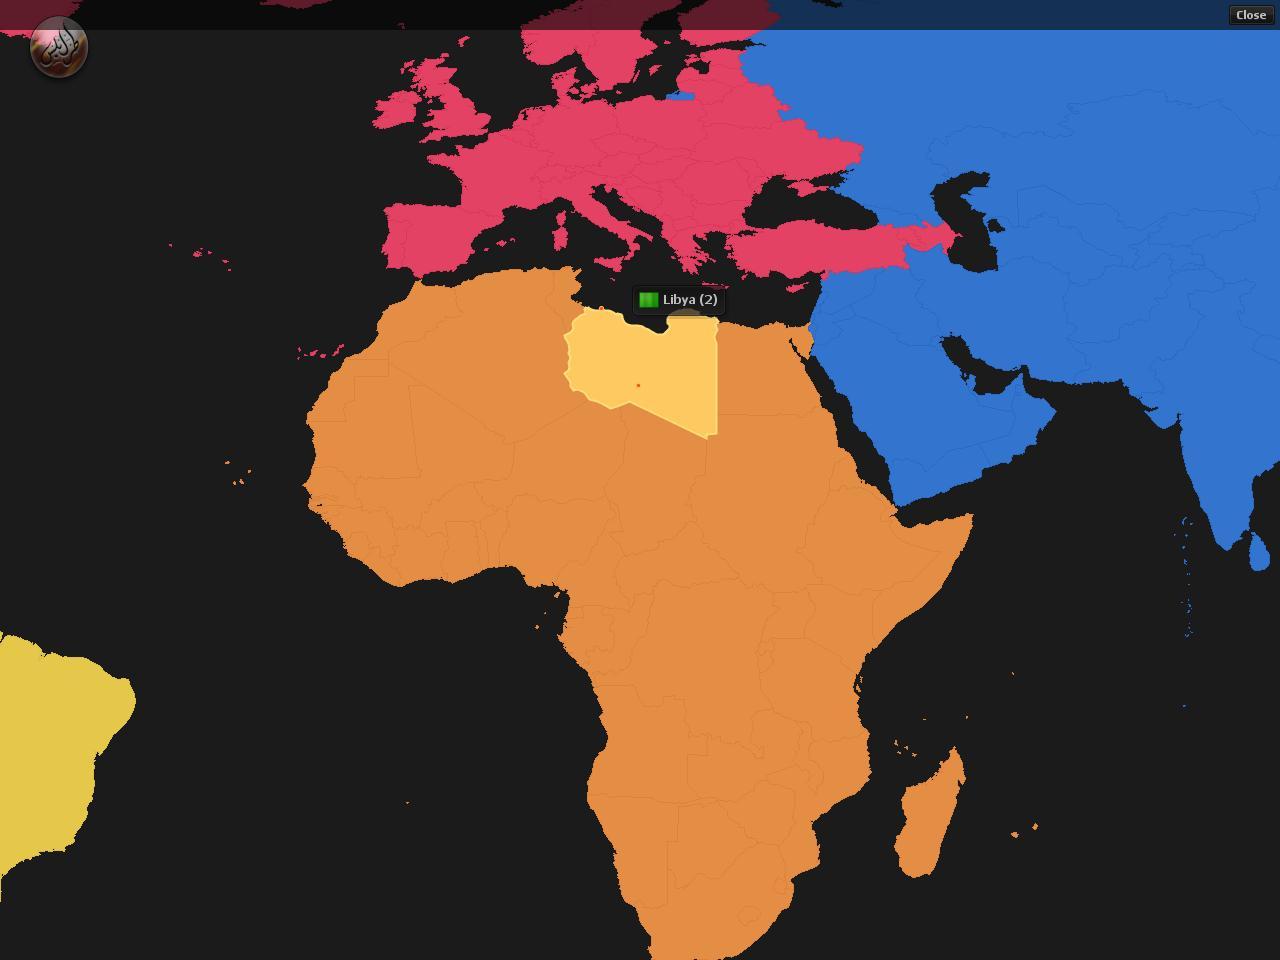 زائرين لمدونتي على الخريطة